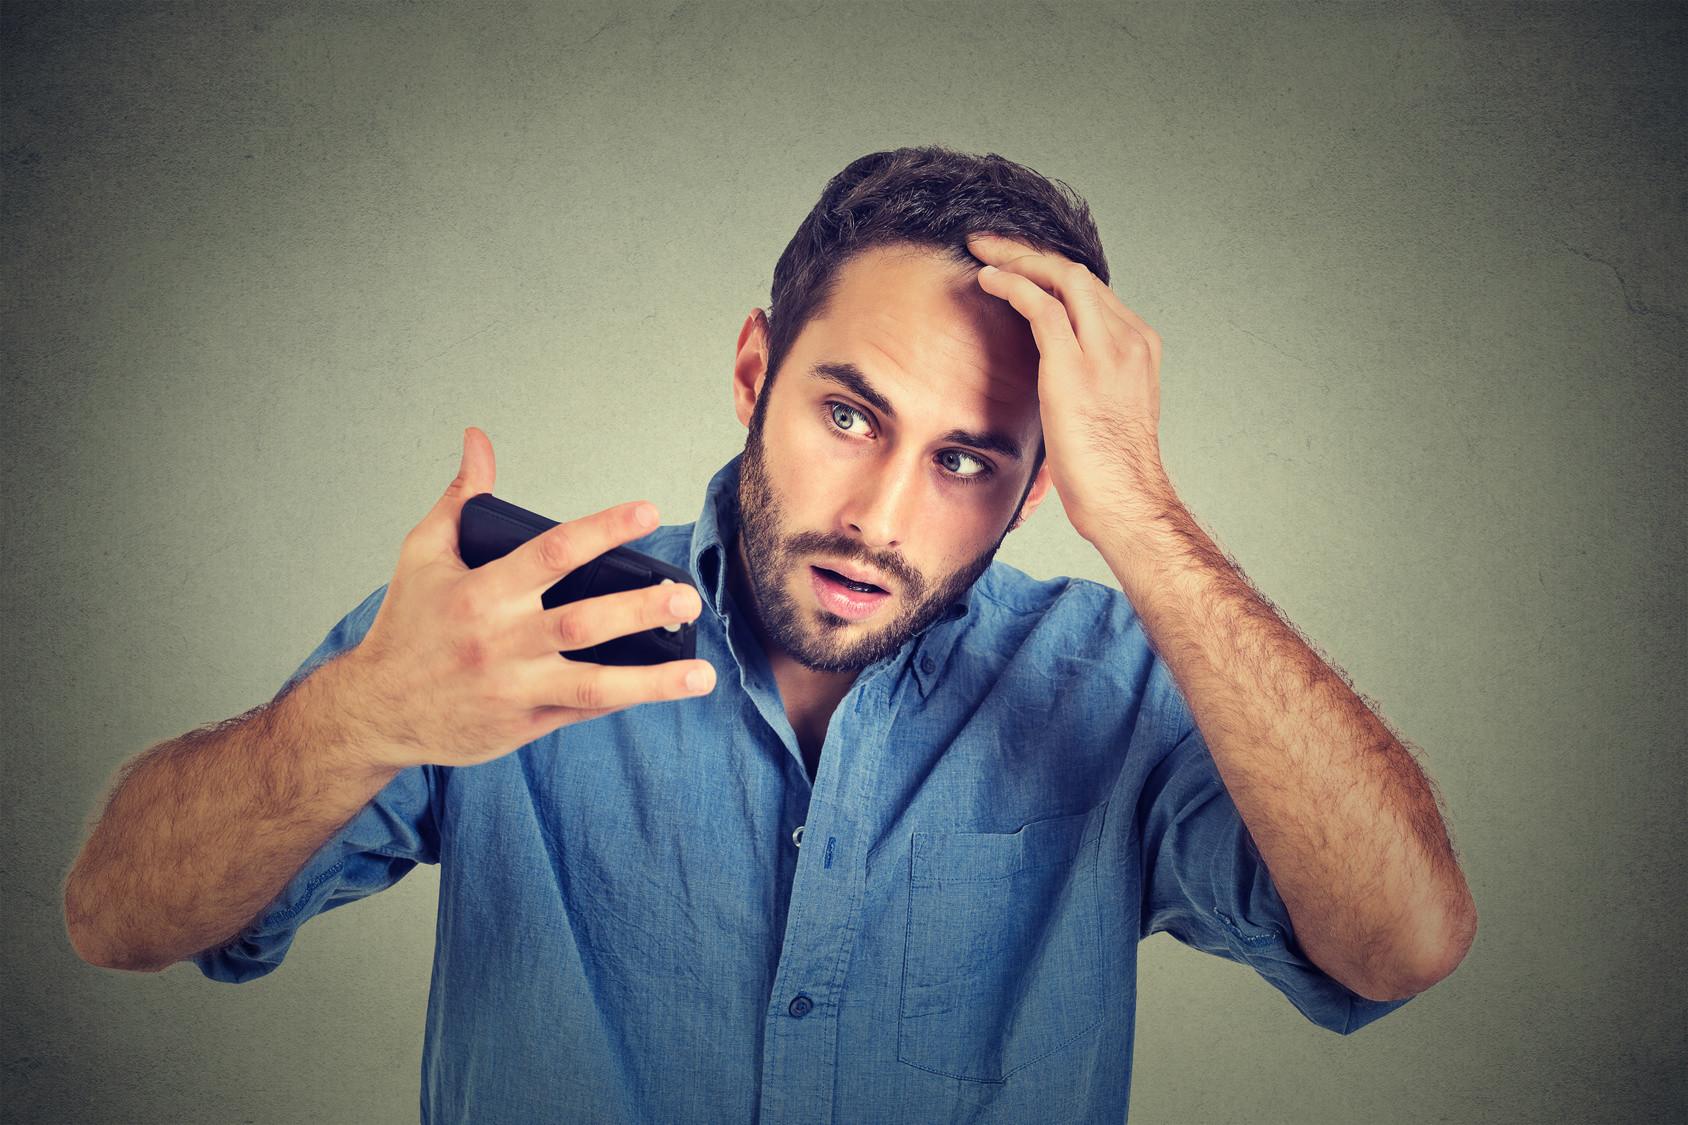 Wann kommt eine Haarverpflanzung in Frage